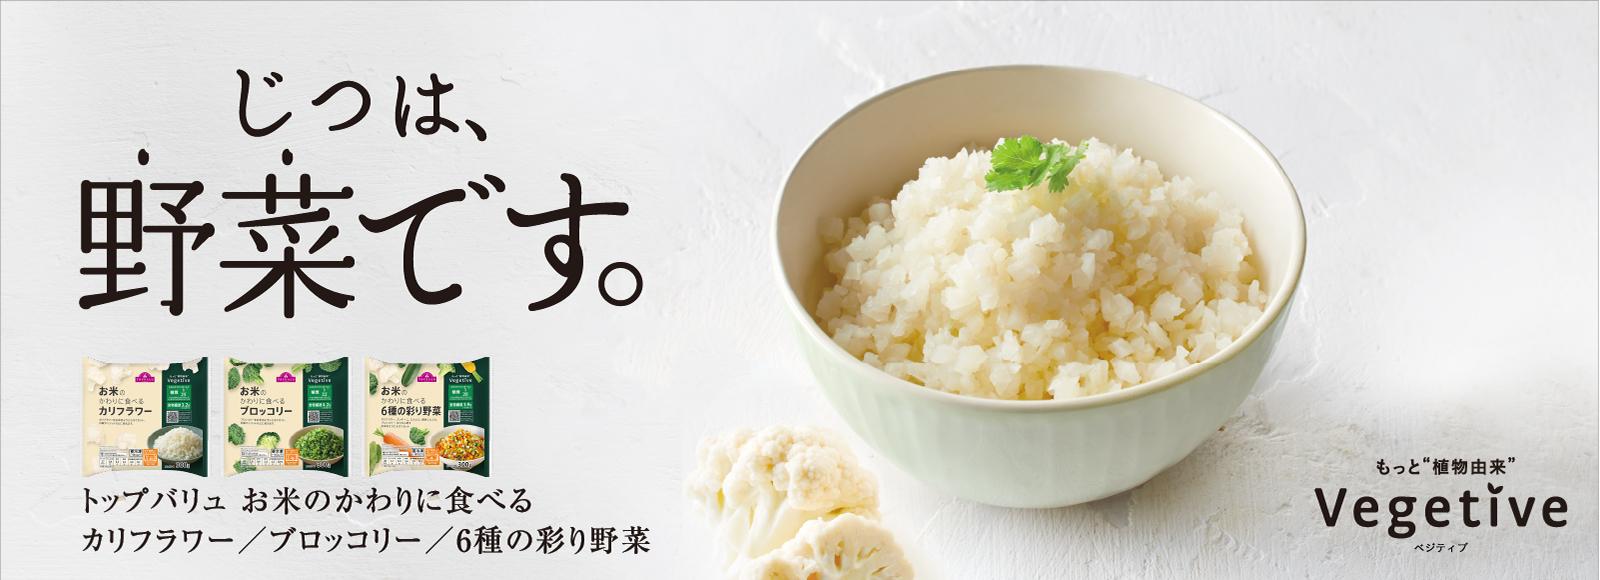 もっと植物由来 Vegitiveトップバリュ お米のかわりに食べる カリフラワー/ブロッコリー